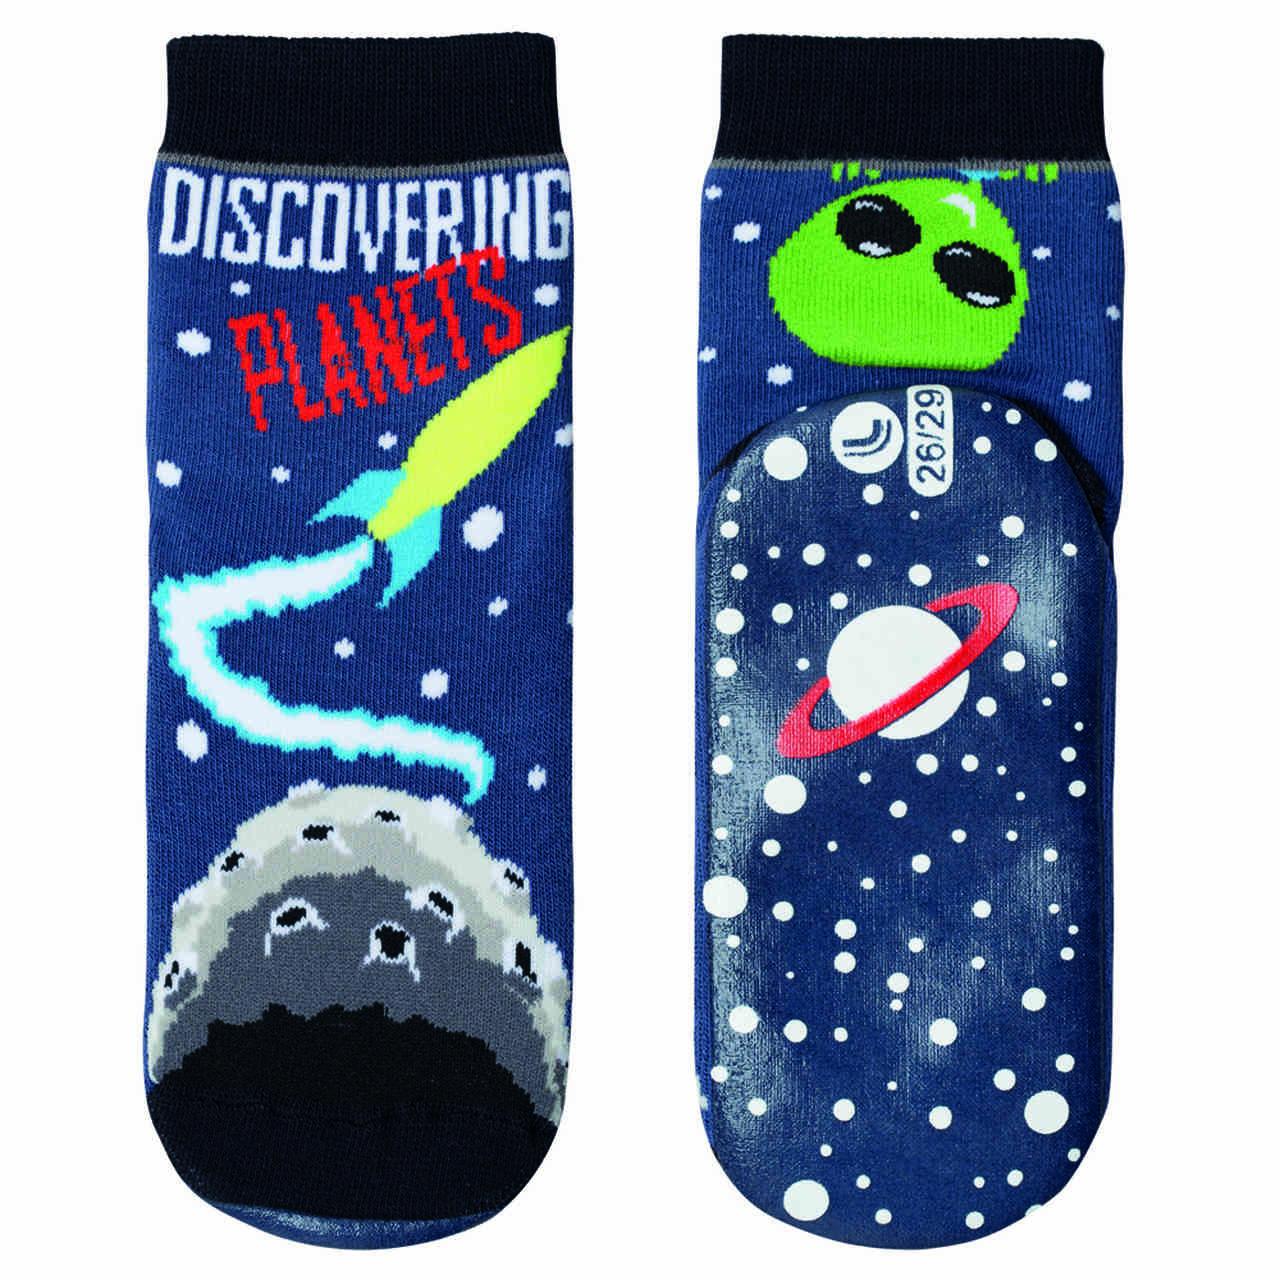 Pantutti menino infantil et no espaço com punho lupo